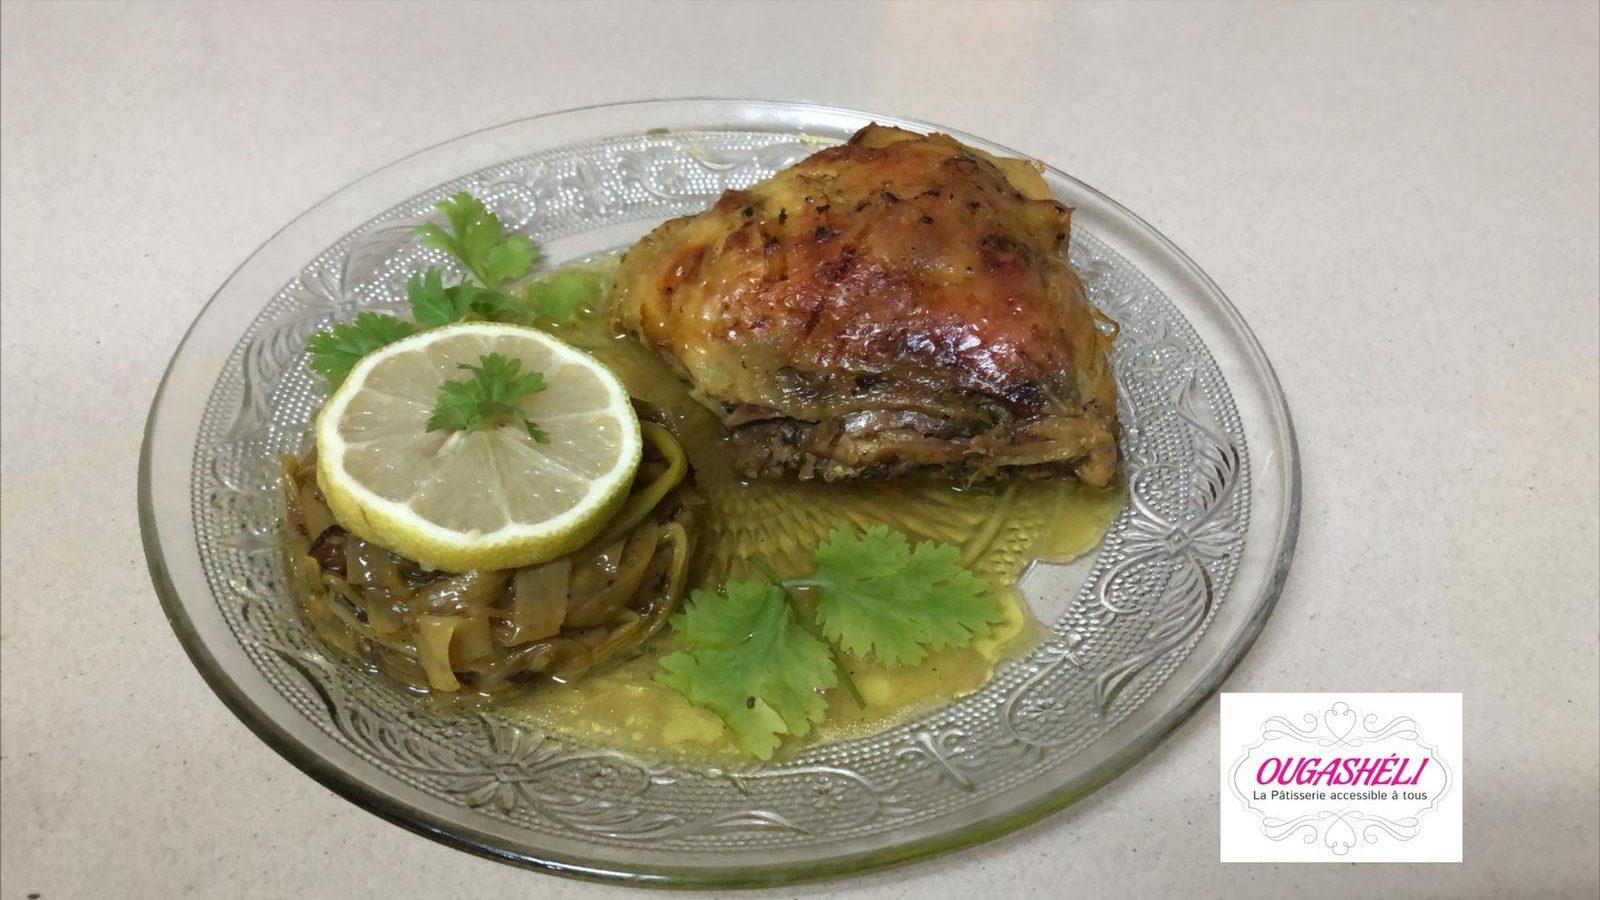 Ragoût de poulet aux poireaux et céleri